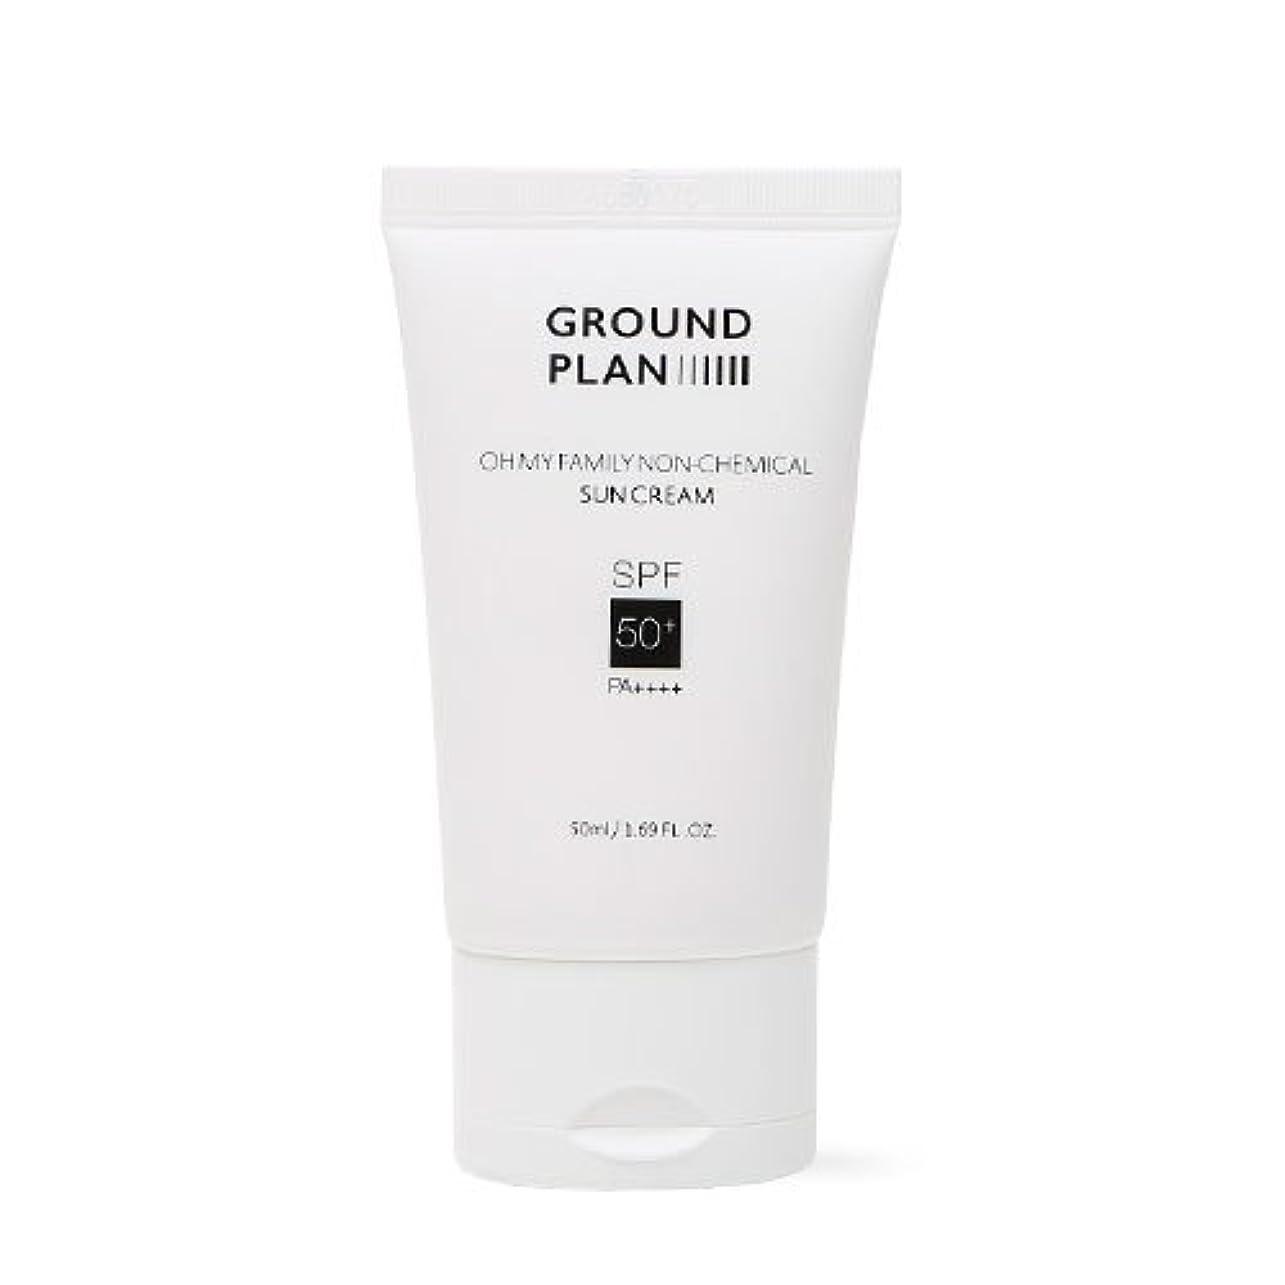 ポジティブ暗黙苦しみ[GROUND PLAN] Oh My Family Non-Chemical Sun Cream 50ml グラウンドプランファミリーノンケミカルサンクリーム [並行輸入品]